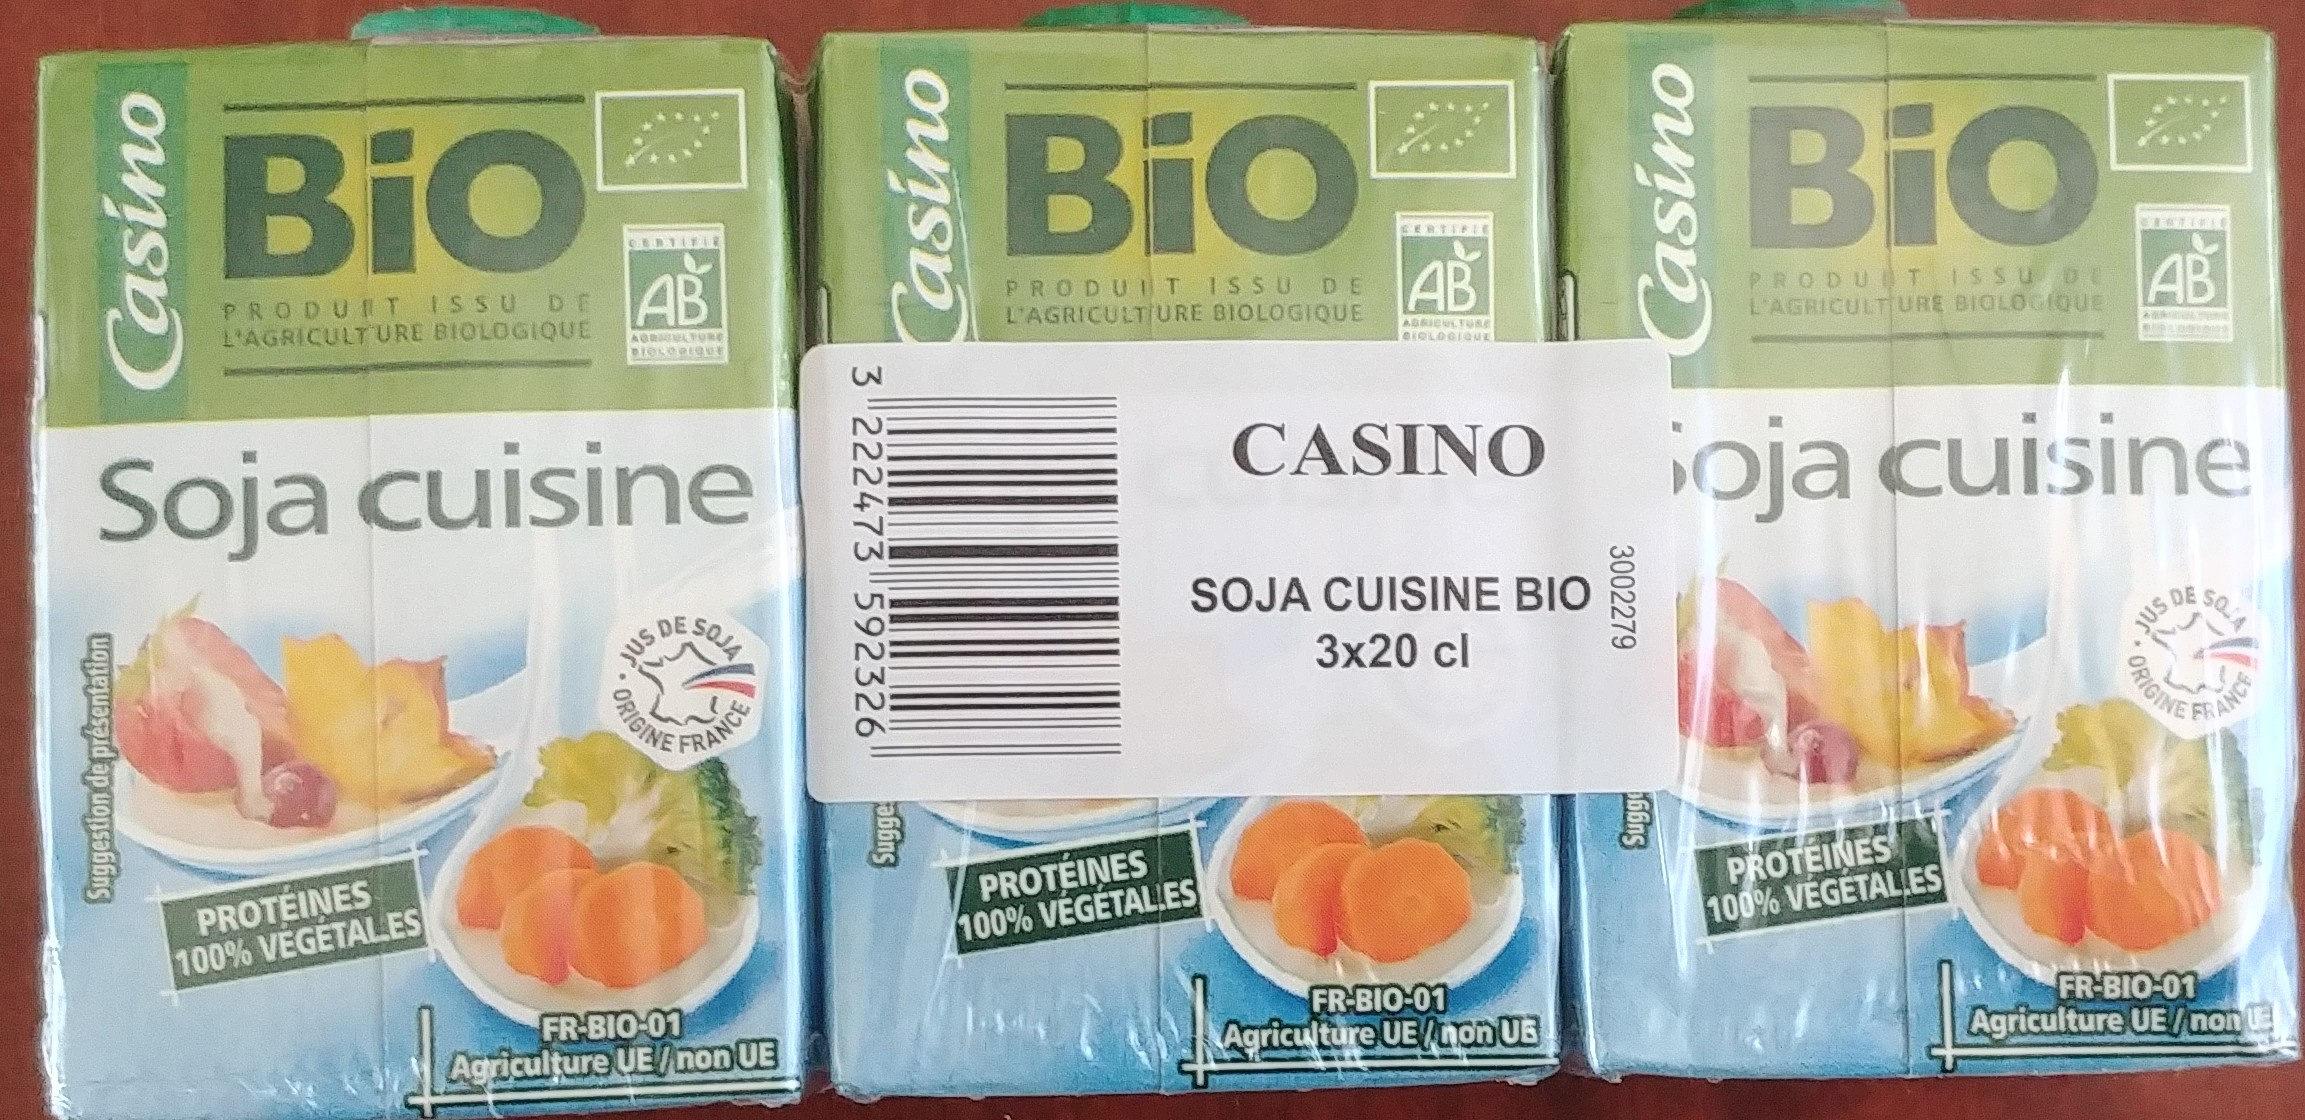 Soja cuisine BIO - Product - fr